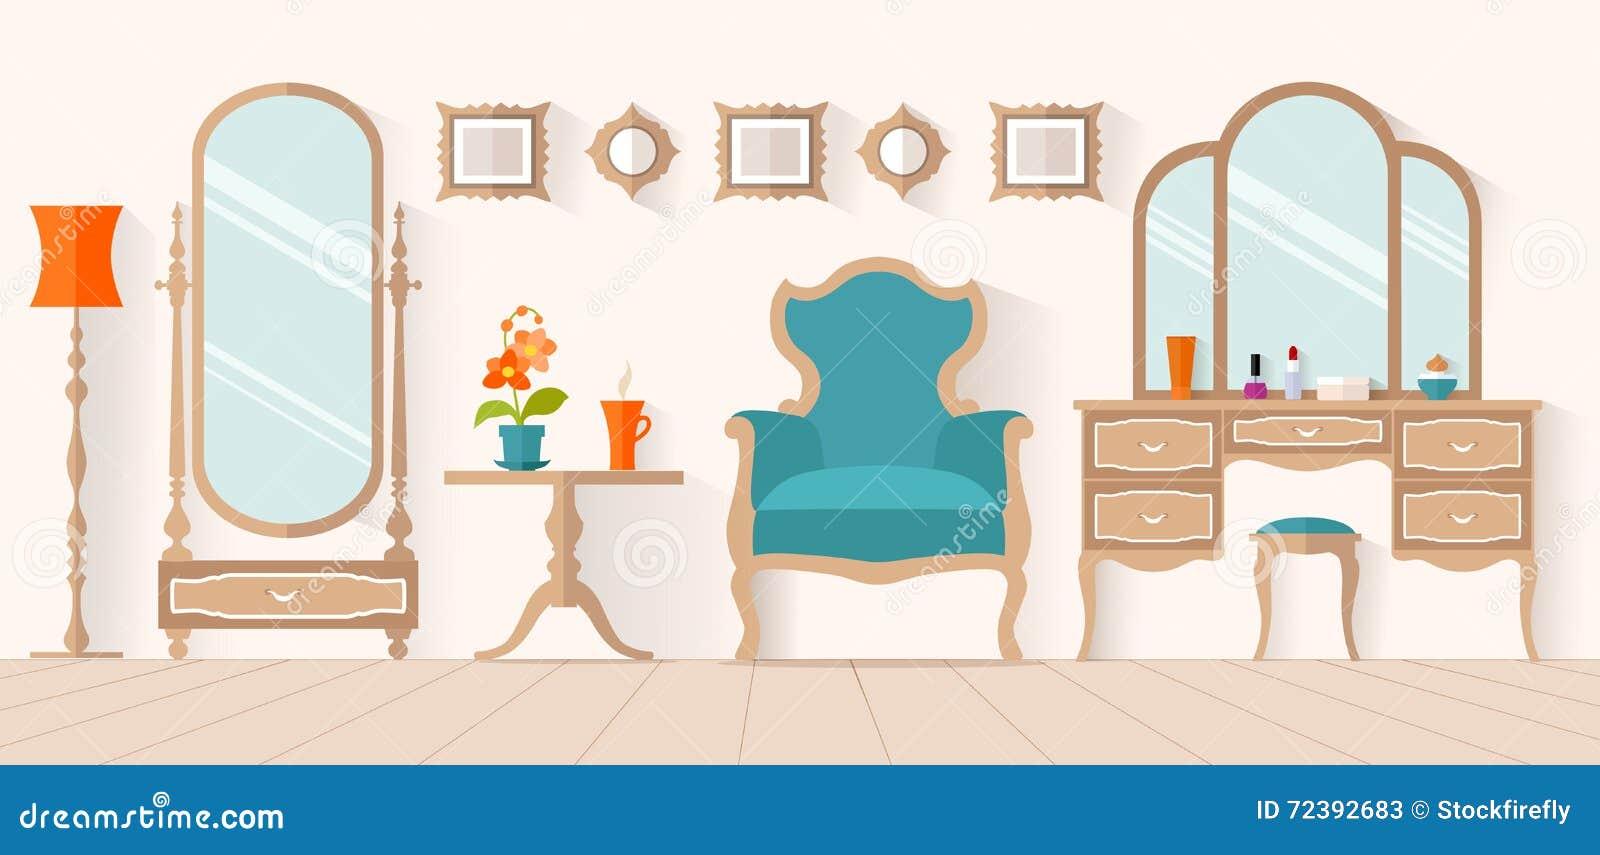 Women 39 s boudoir interior design vector dressing room for Table design vector